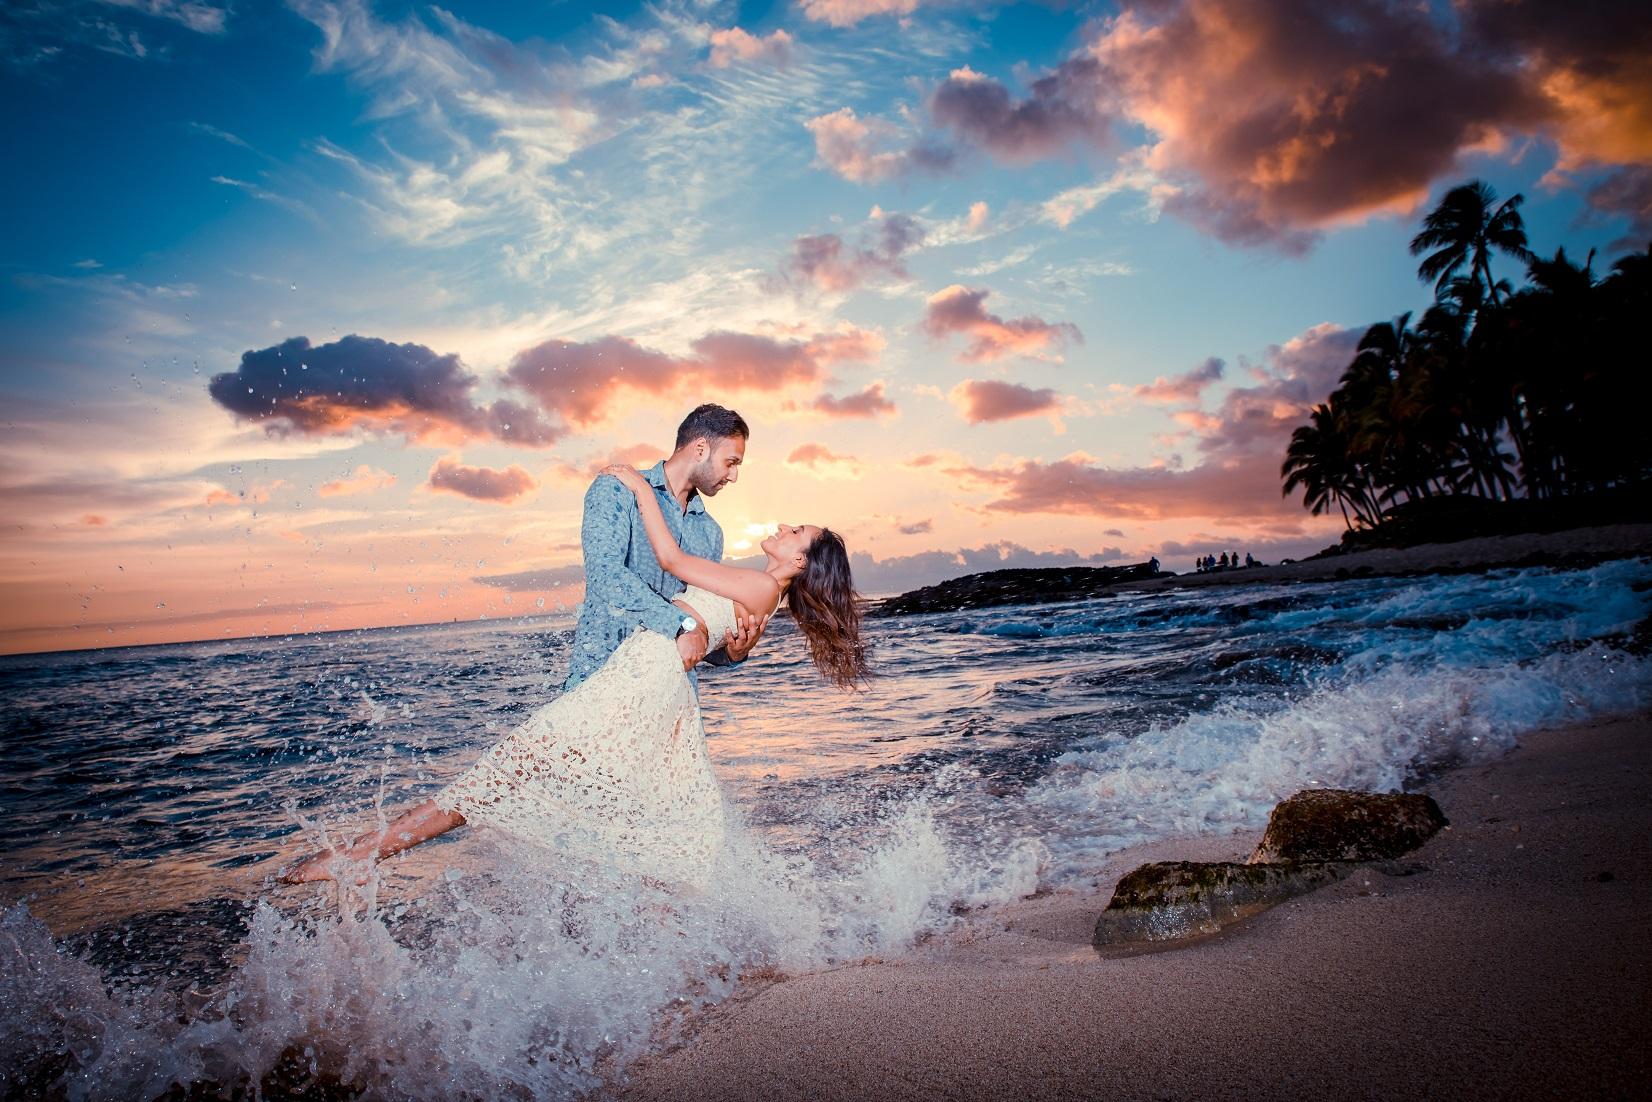 sunset engagement photo session ko olina oahu